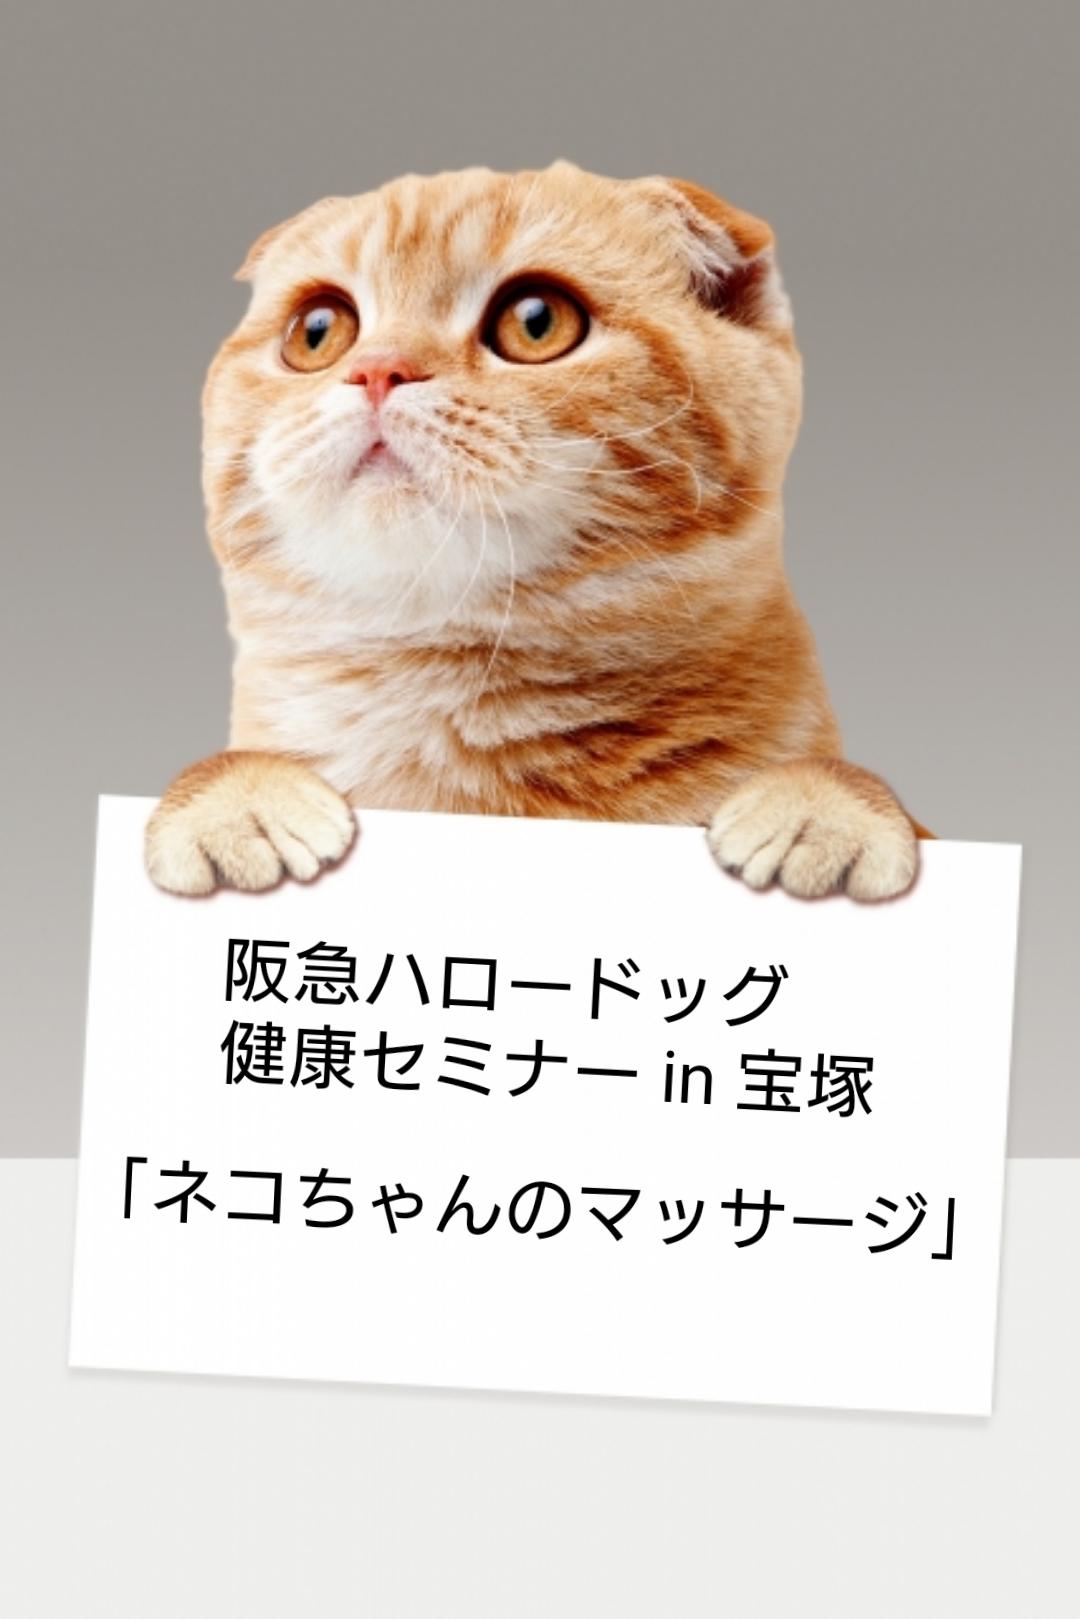 2021/2/20 宝塚 健康セミナー「ネコちゃんのマッサージ」